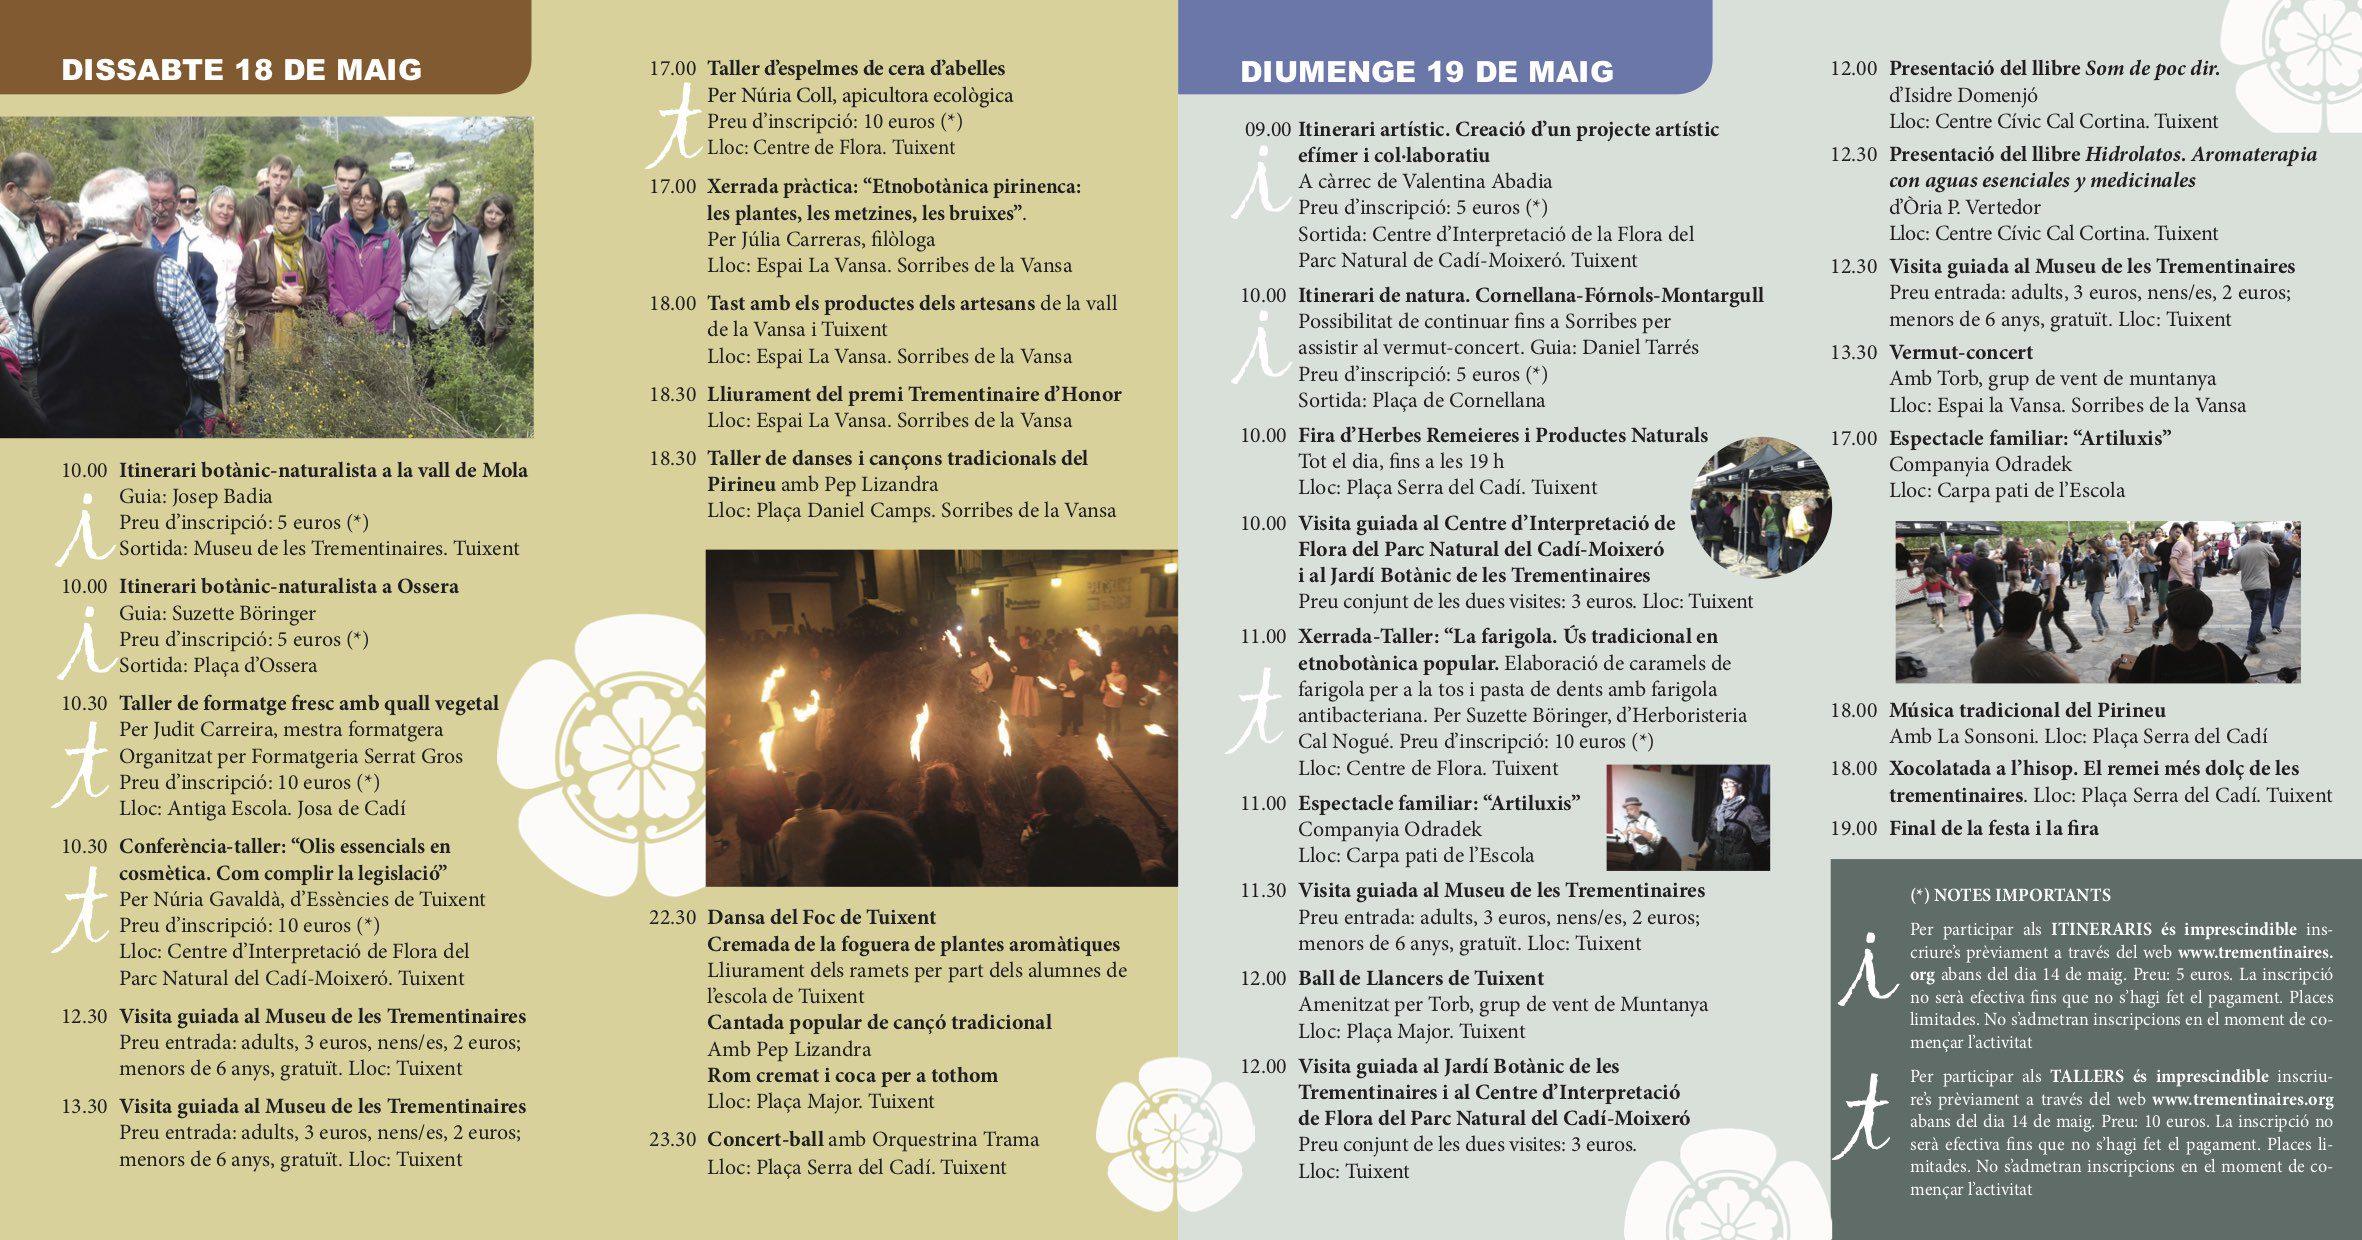 20a Festa i Fira Trementinaires: 18 i 19 de maig del 2019